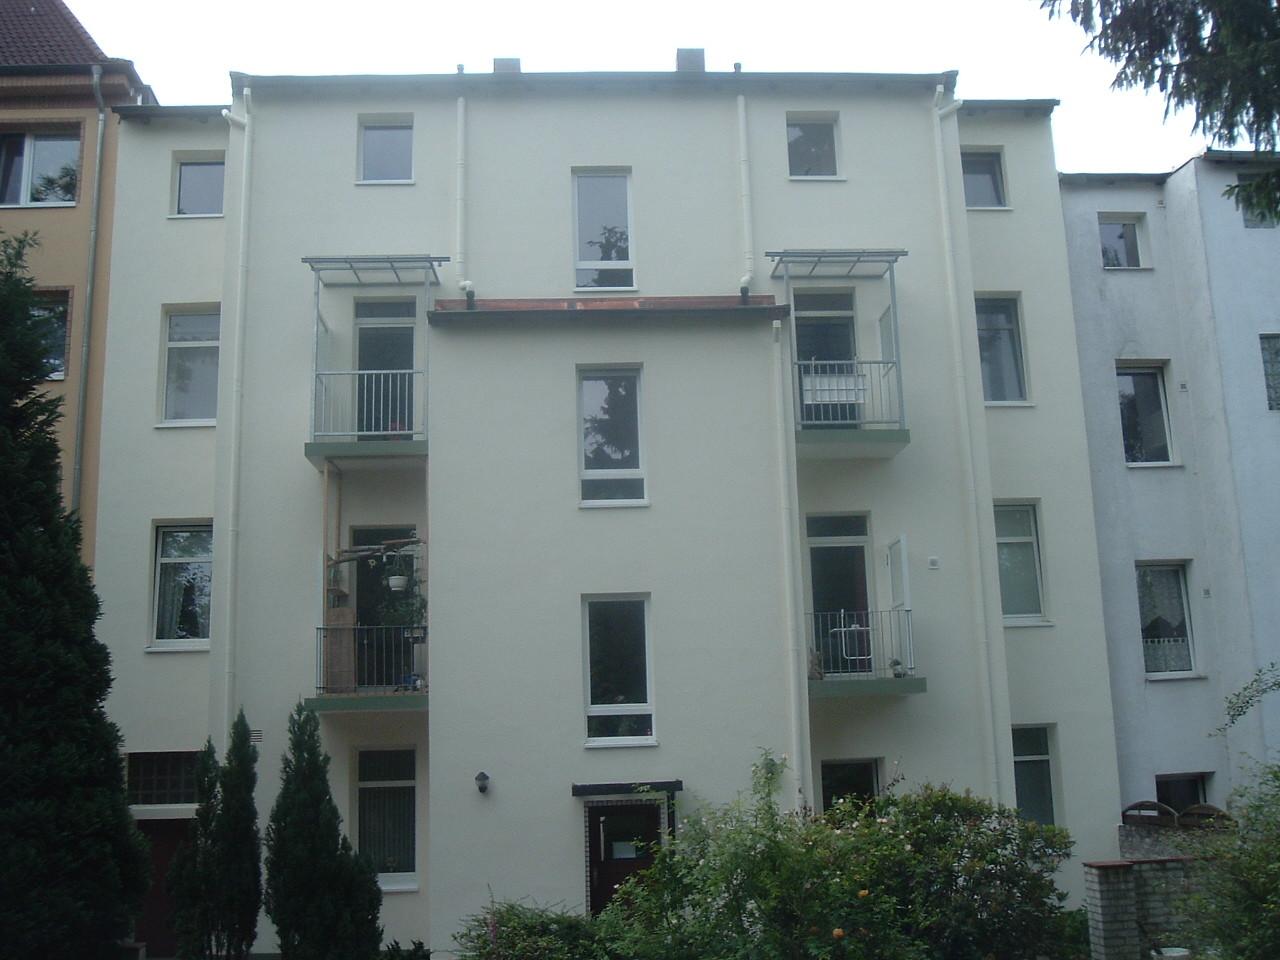 Hinterhof-Fassaden-Wärmedämmung nachher